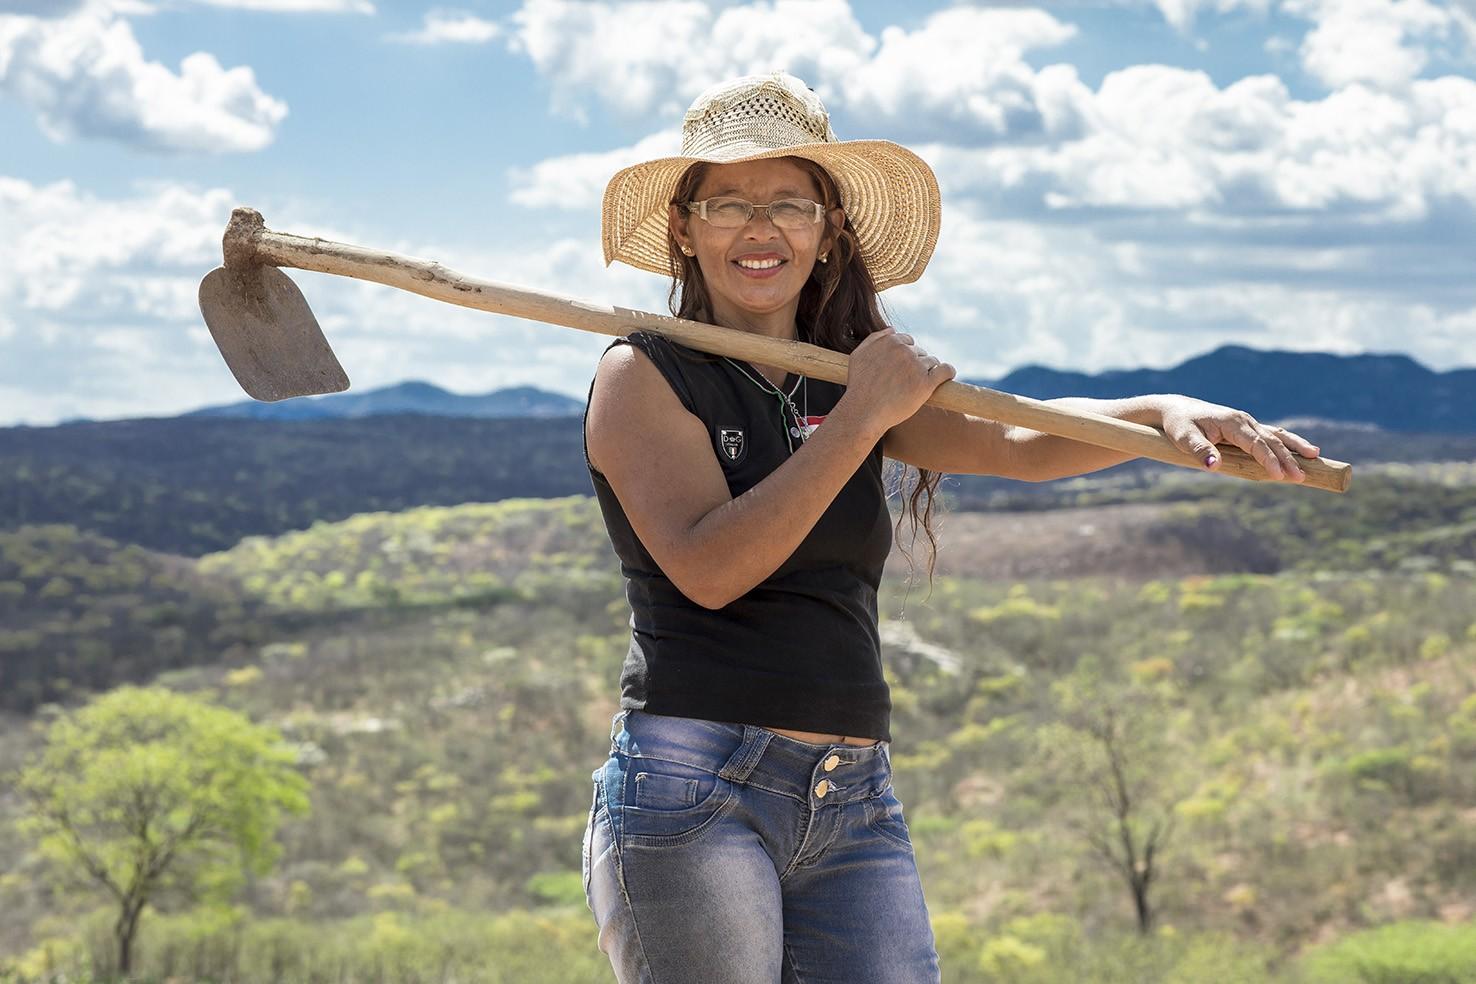 """""""Nunca imaginei que uma princesa usaria um tênis que ajudei a produzir"""", relata a agricultora Rita Ambrósio de Melo, 39 anos (Foto: Jarbas Oliveira)"""